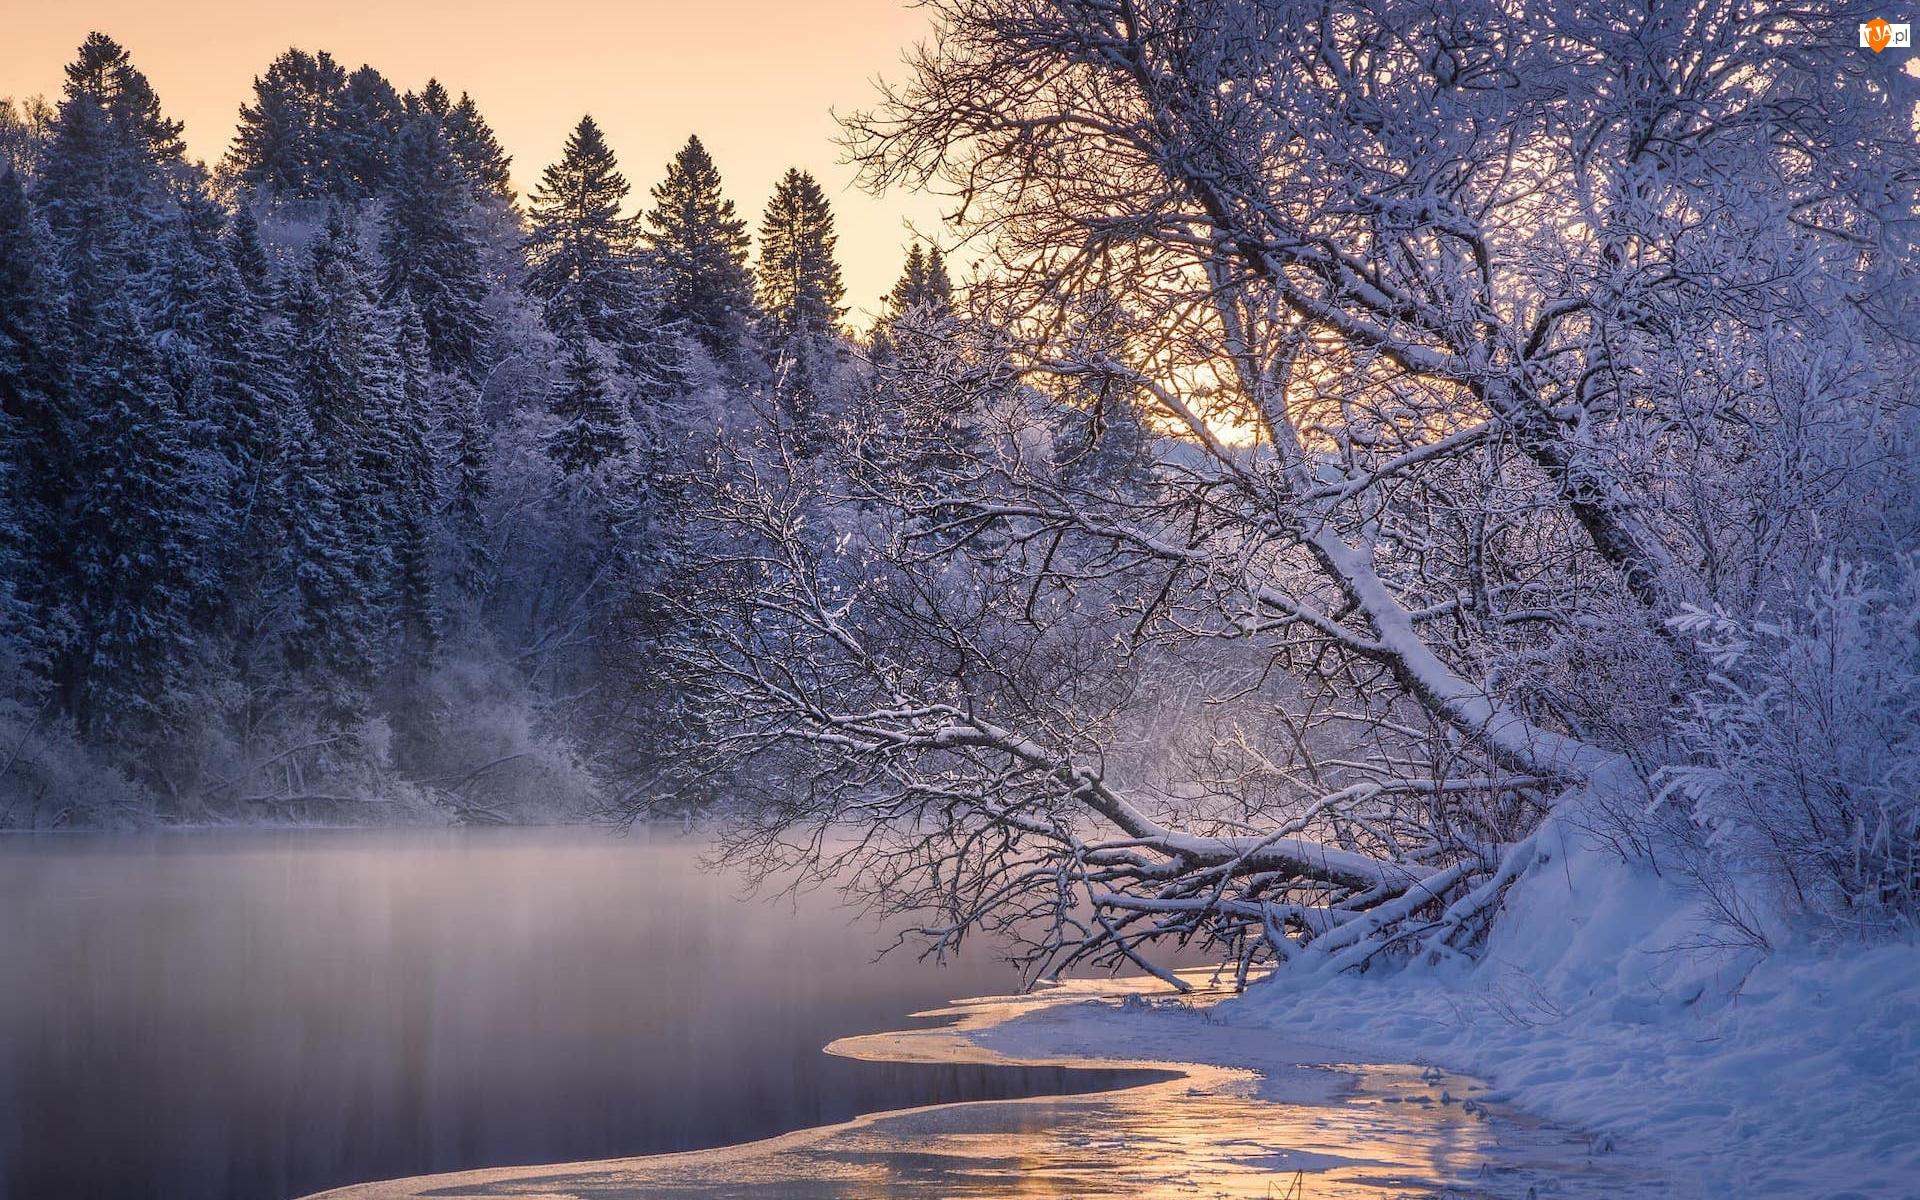 Rzeka, Drzewa, Śnieg, Zima, Rzeka, Wschód słońca, Mgła